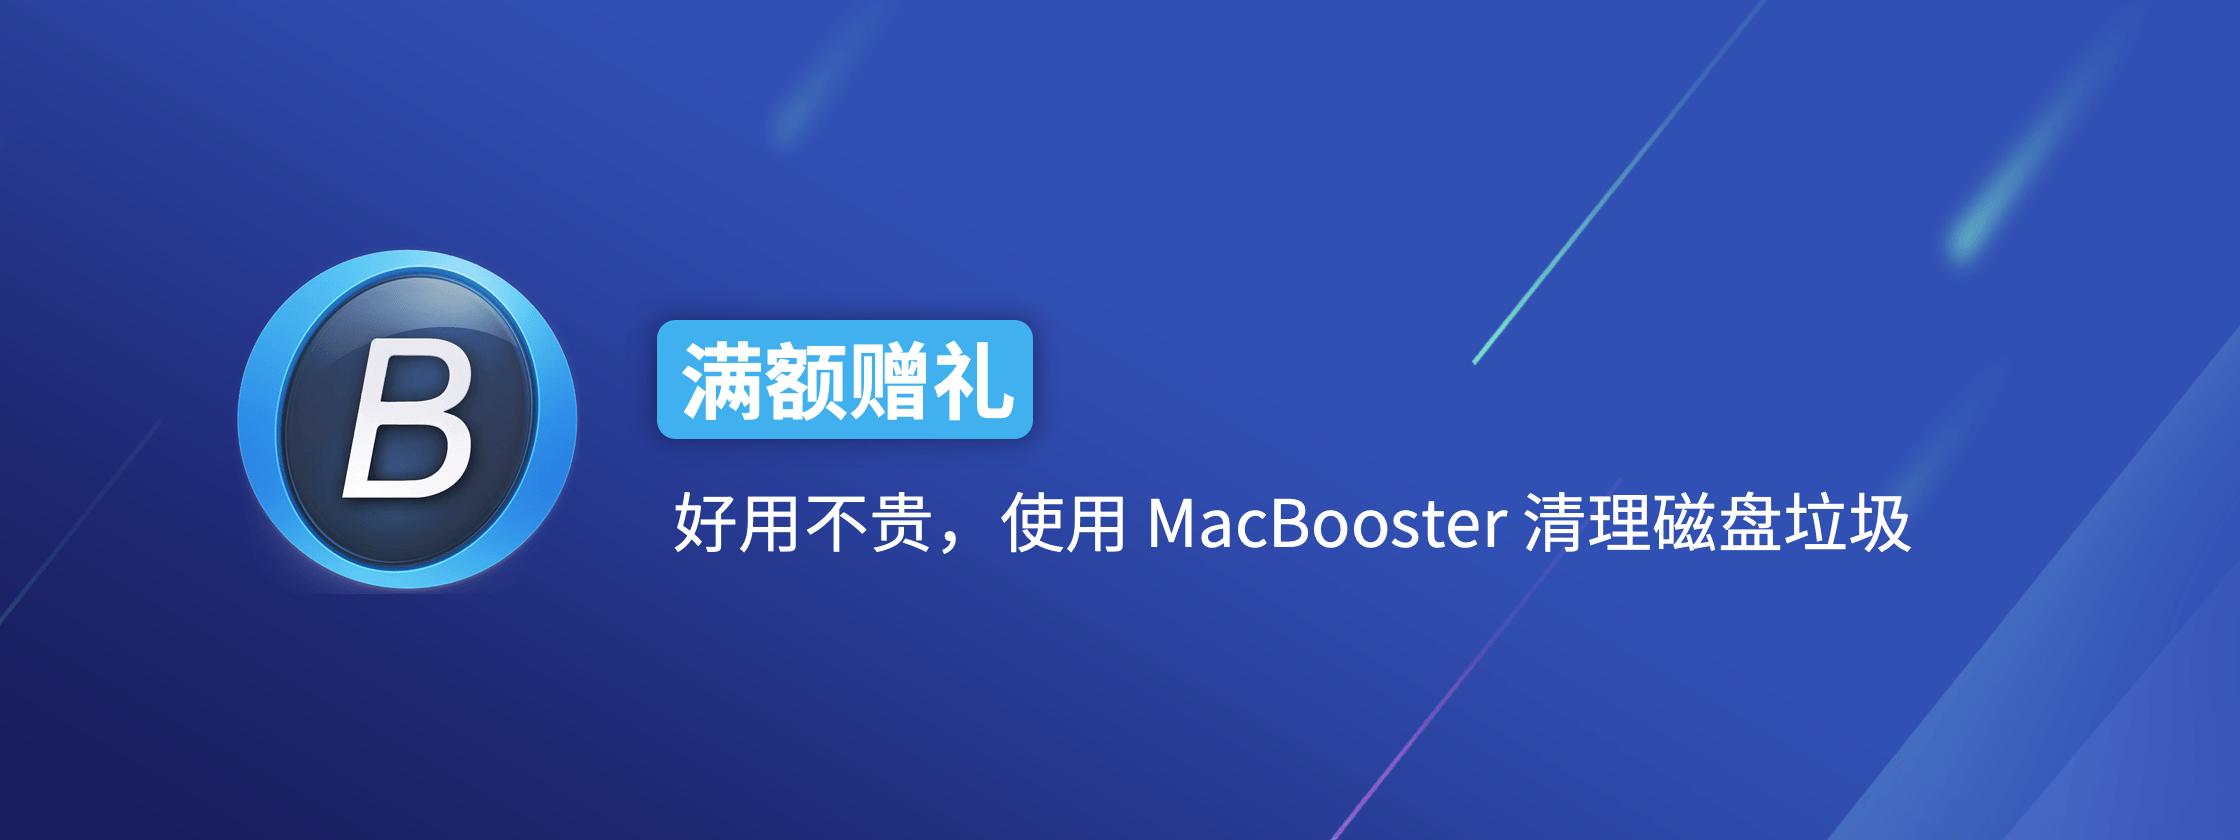 满额赠礼 | CleanMyMac 价格太高?好用不贵的 MacBooster 一样助你清理磁盘垃圾